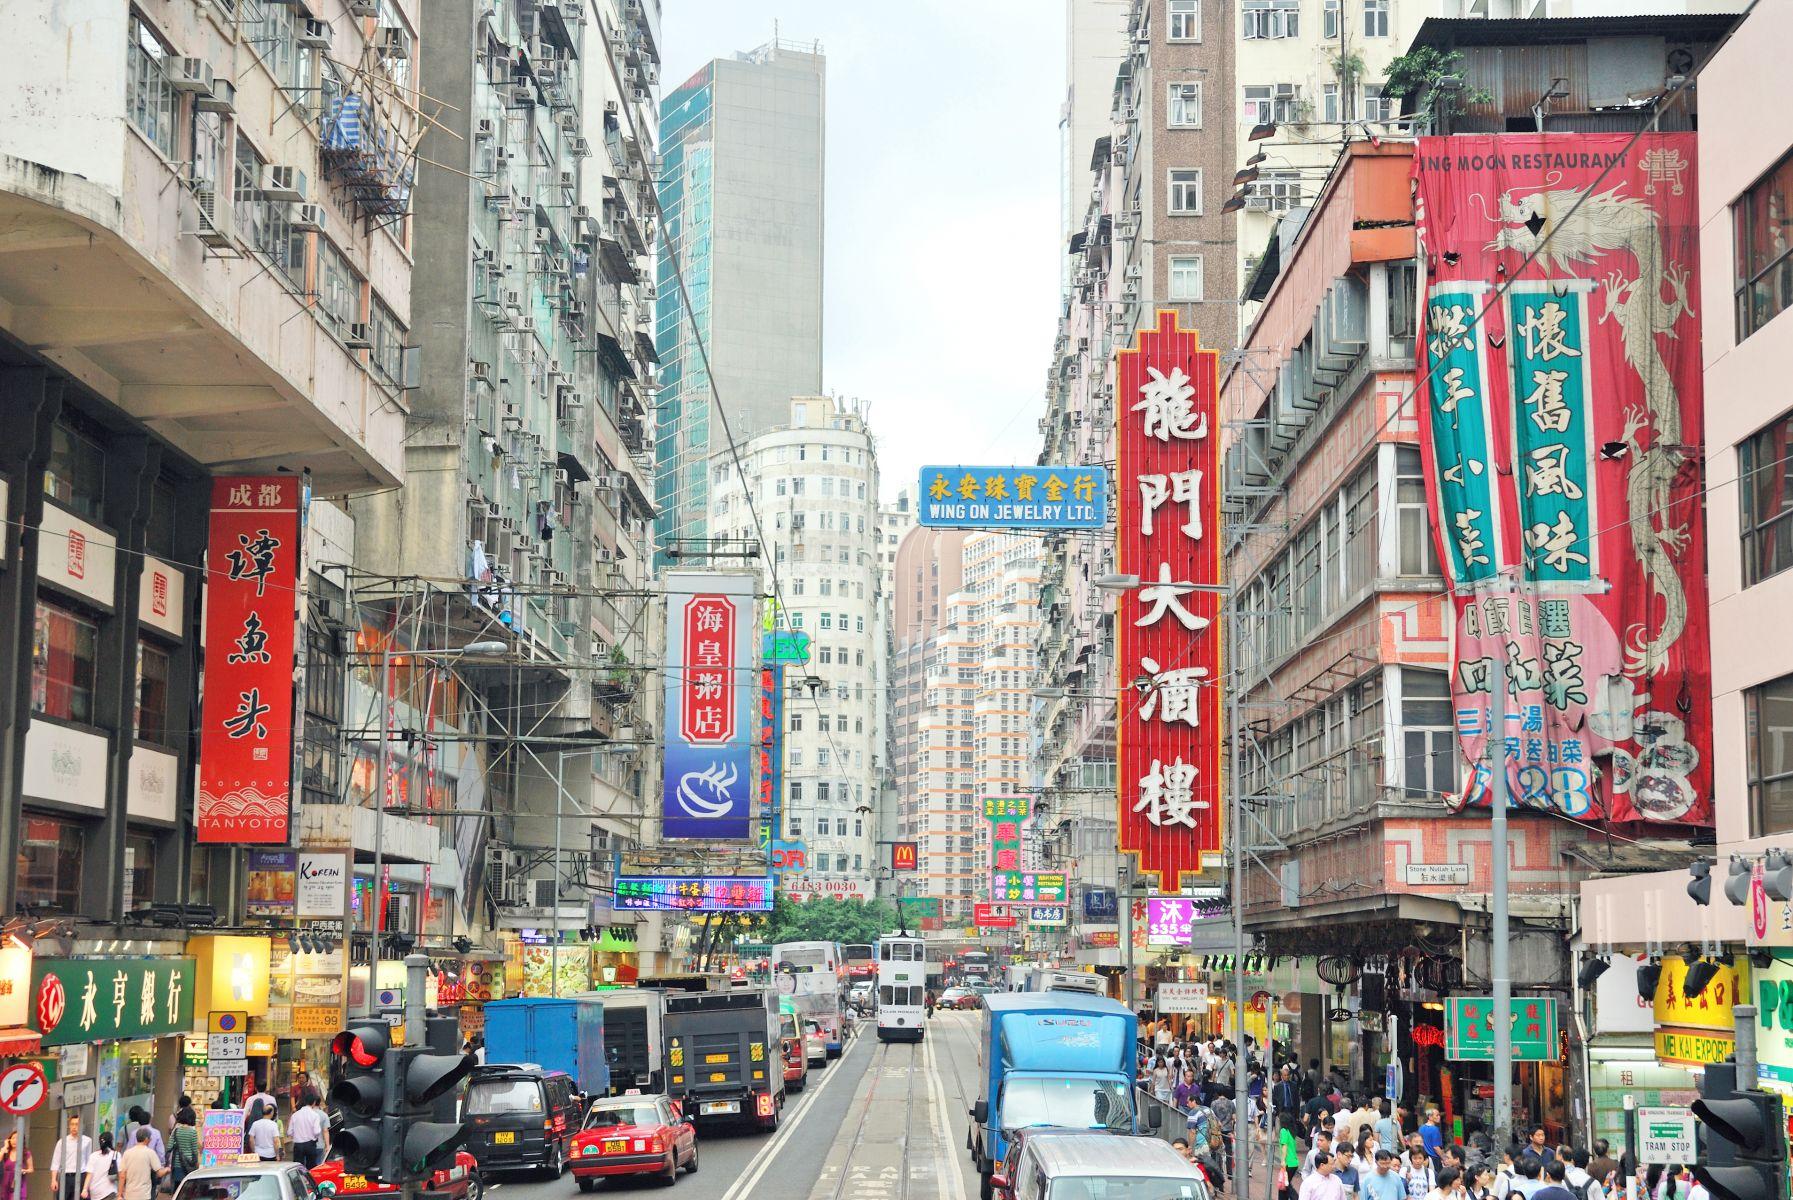 張曼娟/我的第二個故鄉!一句話解析為什麼香港人都很兇?